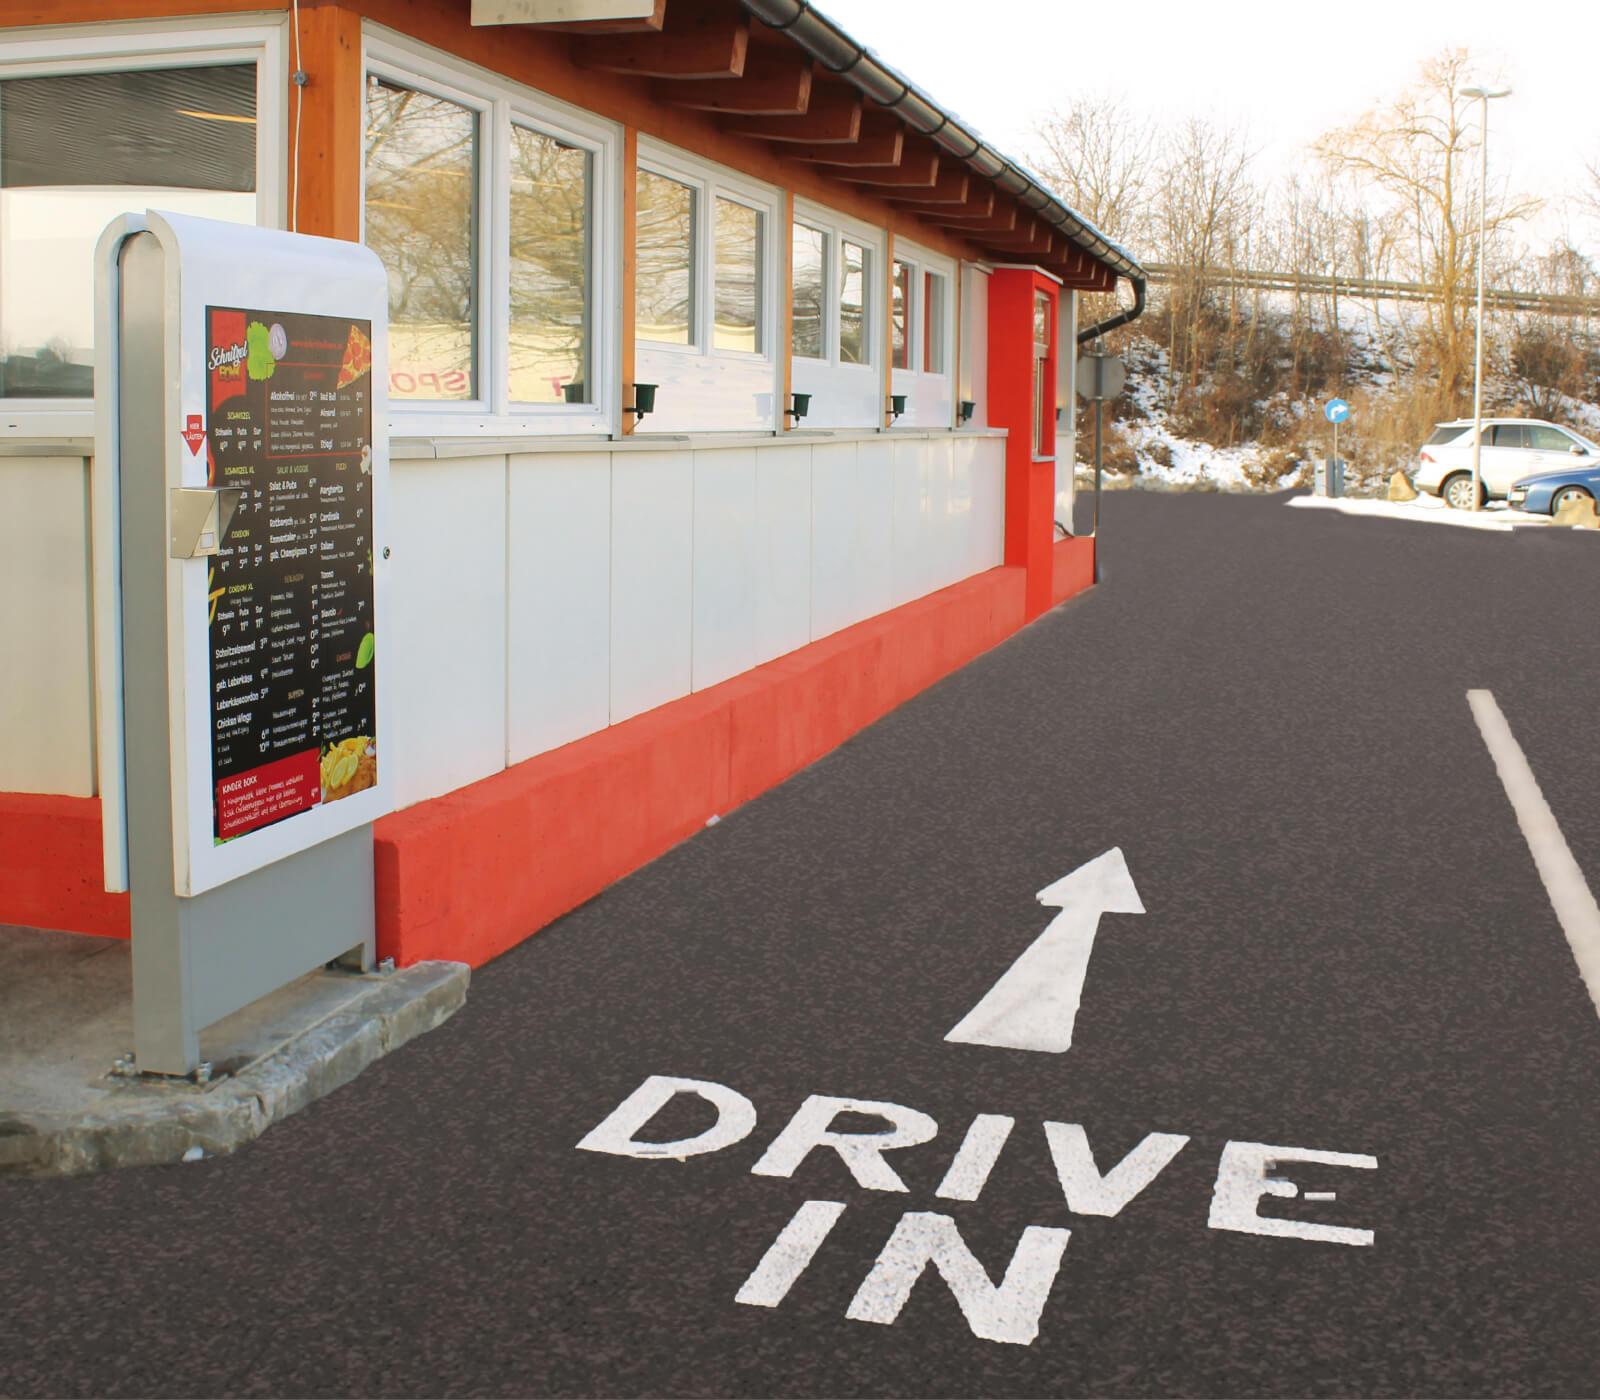 Schnitzelboxx Drive in